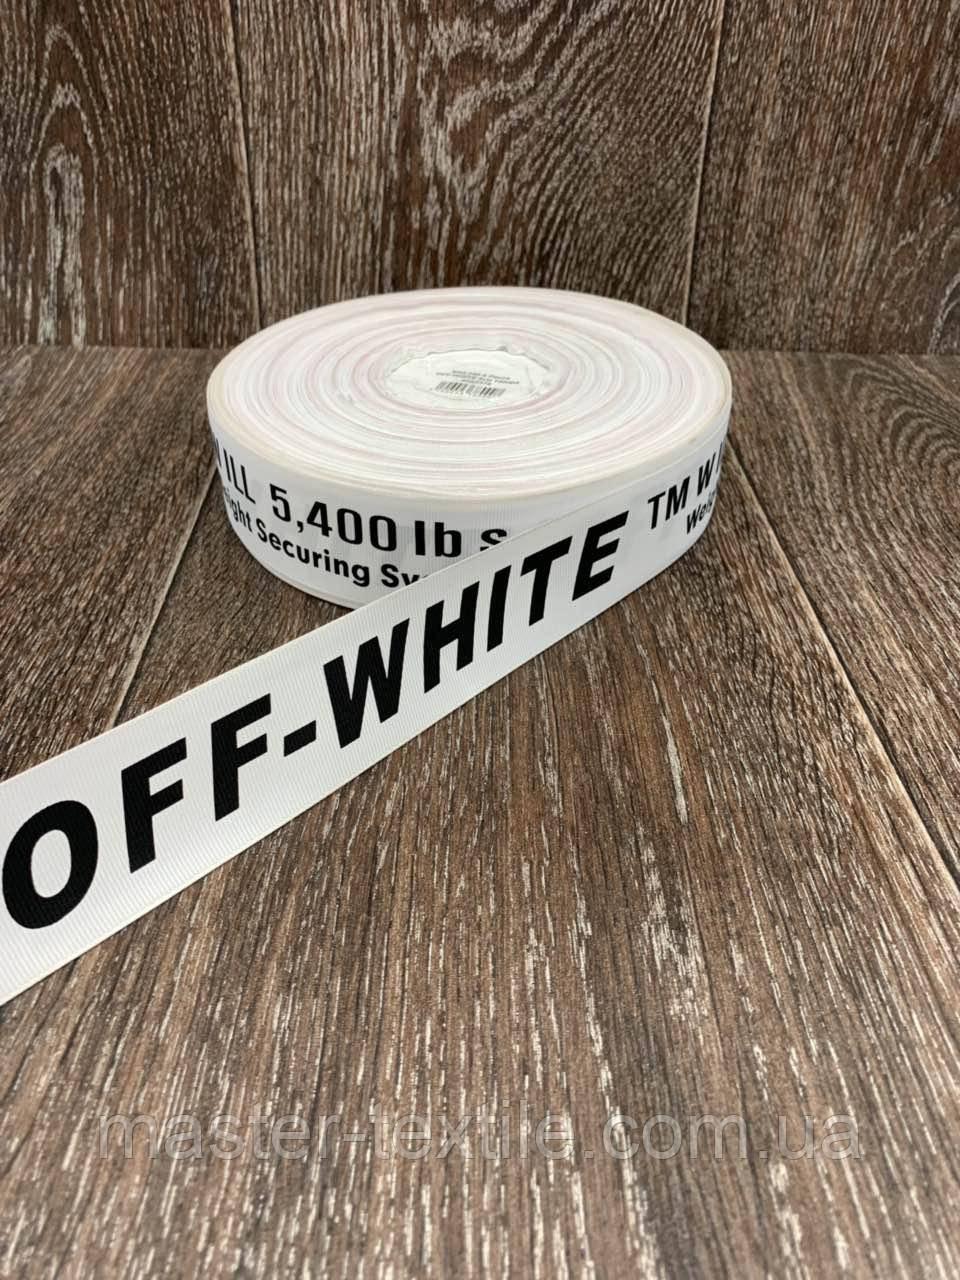 Стрічка респ з написом OFF-WHITE біла 100 ярд, ширина 4 см